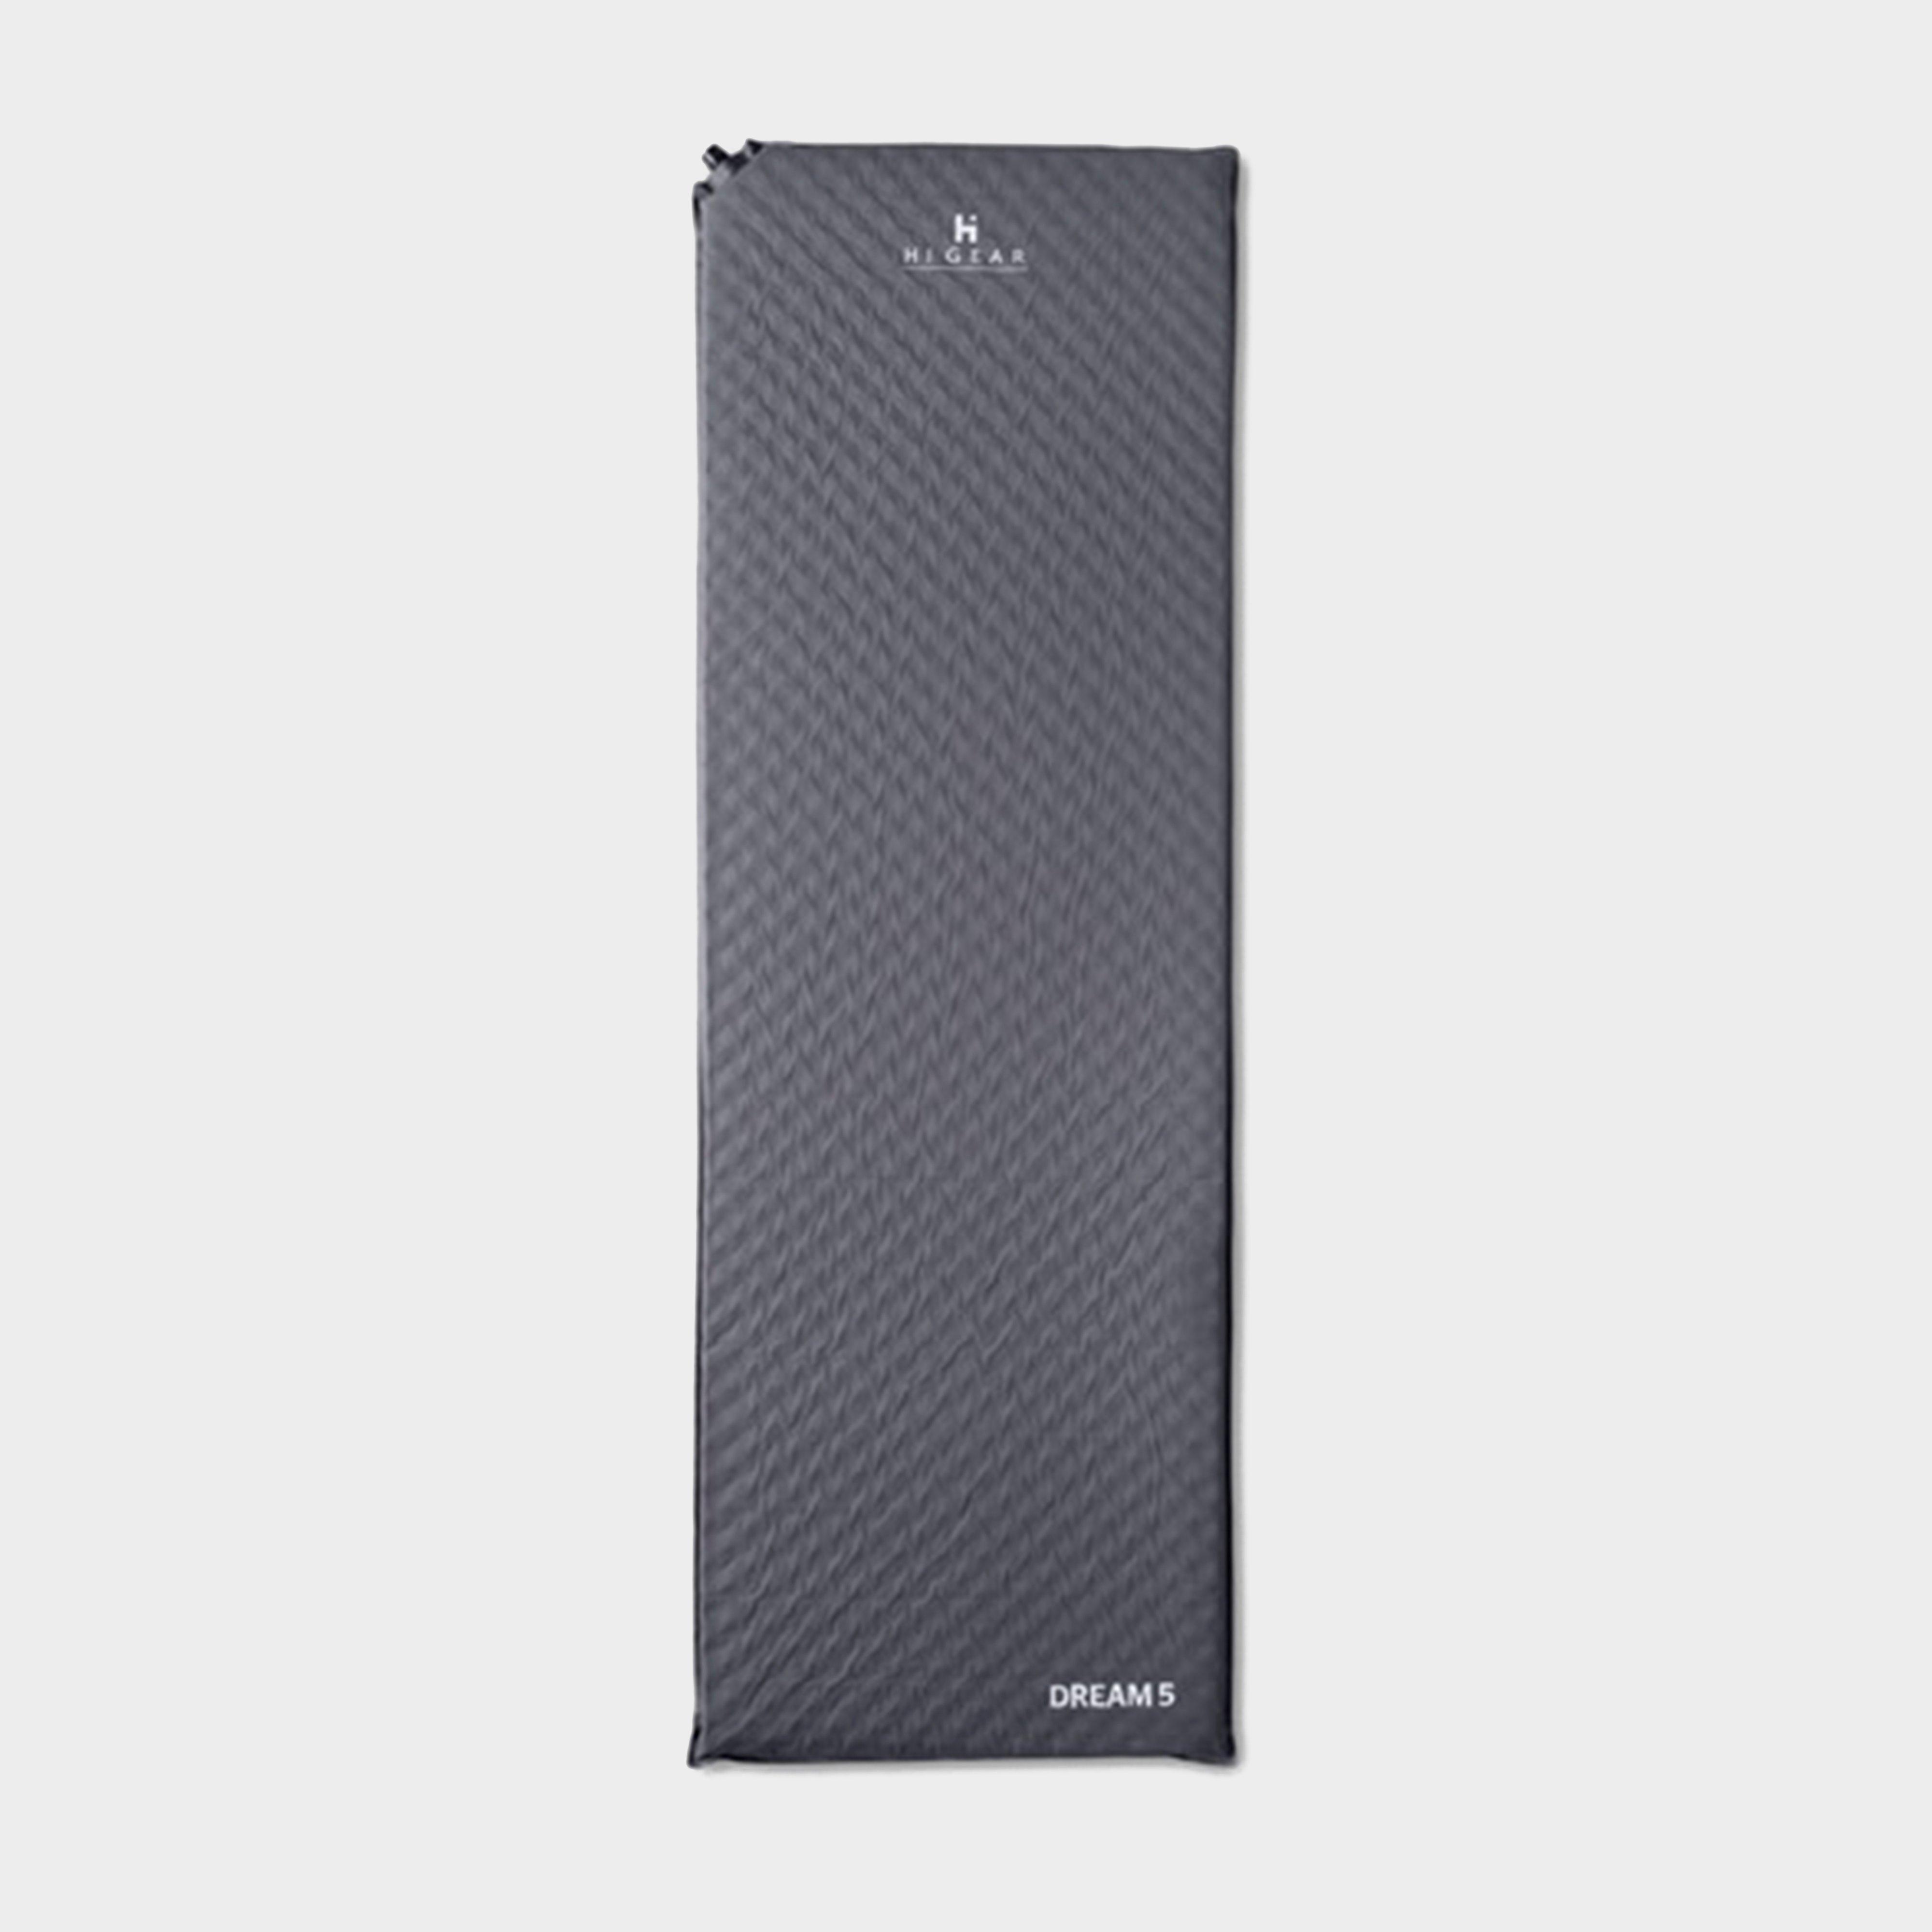 HI-GEAR Dream 5 Sleeping Mat, Grey